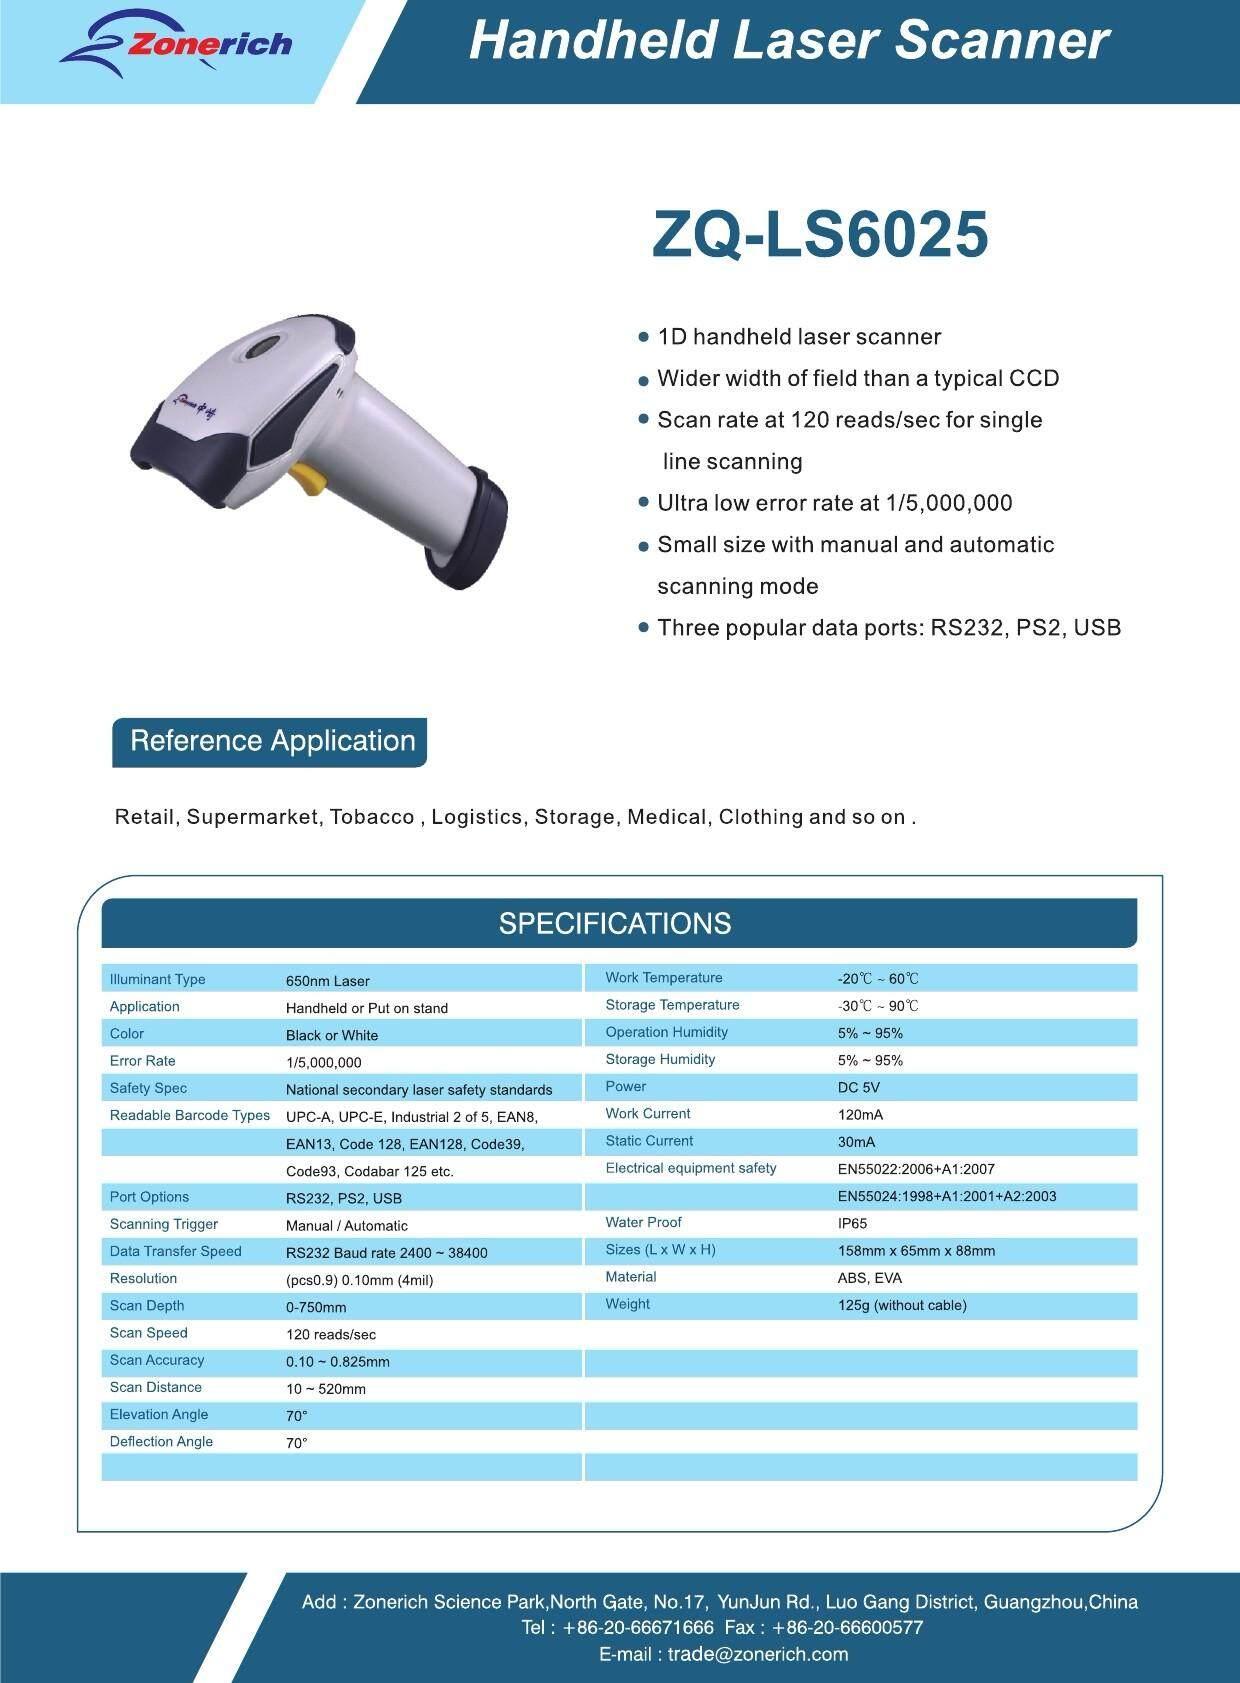 Handheld laser Scanner BarCode ZQ-LS6025